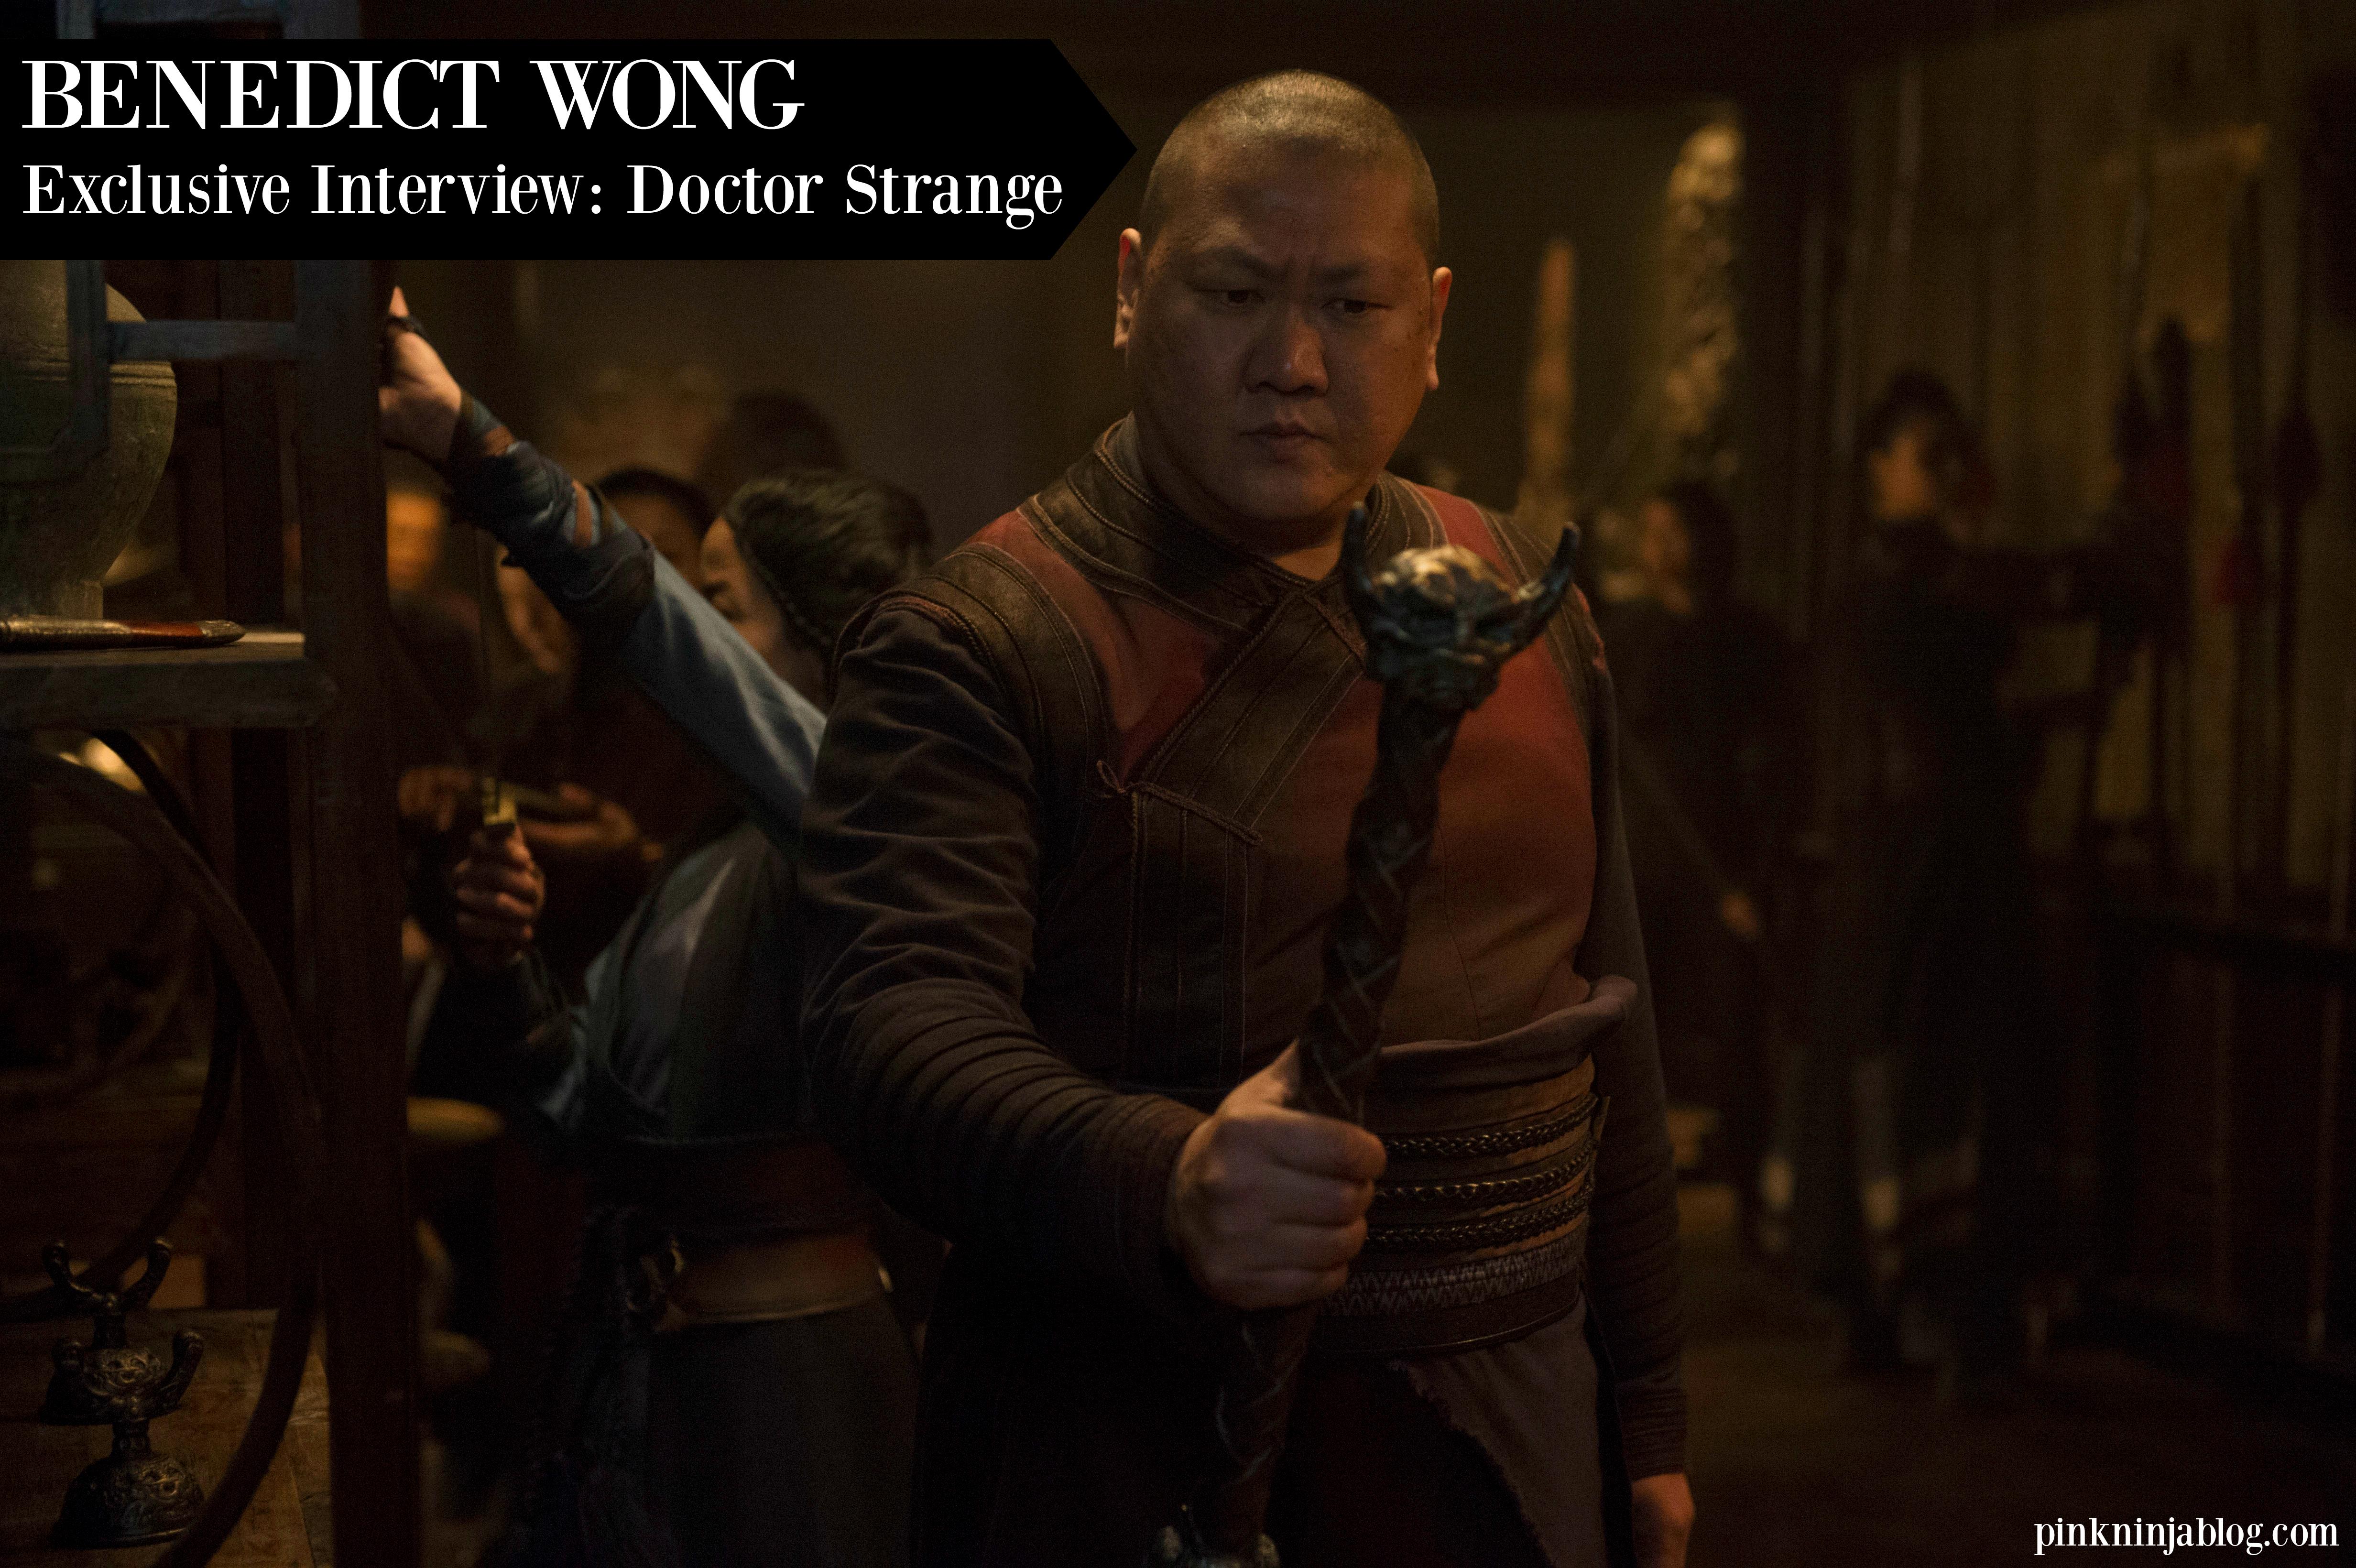 BENEDICT WONG ~ Exclusive Interview: Doctor Strange